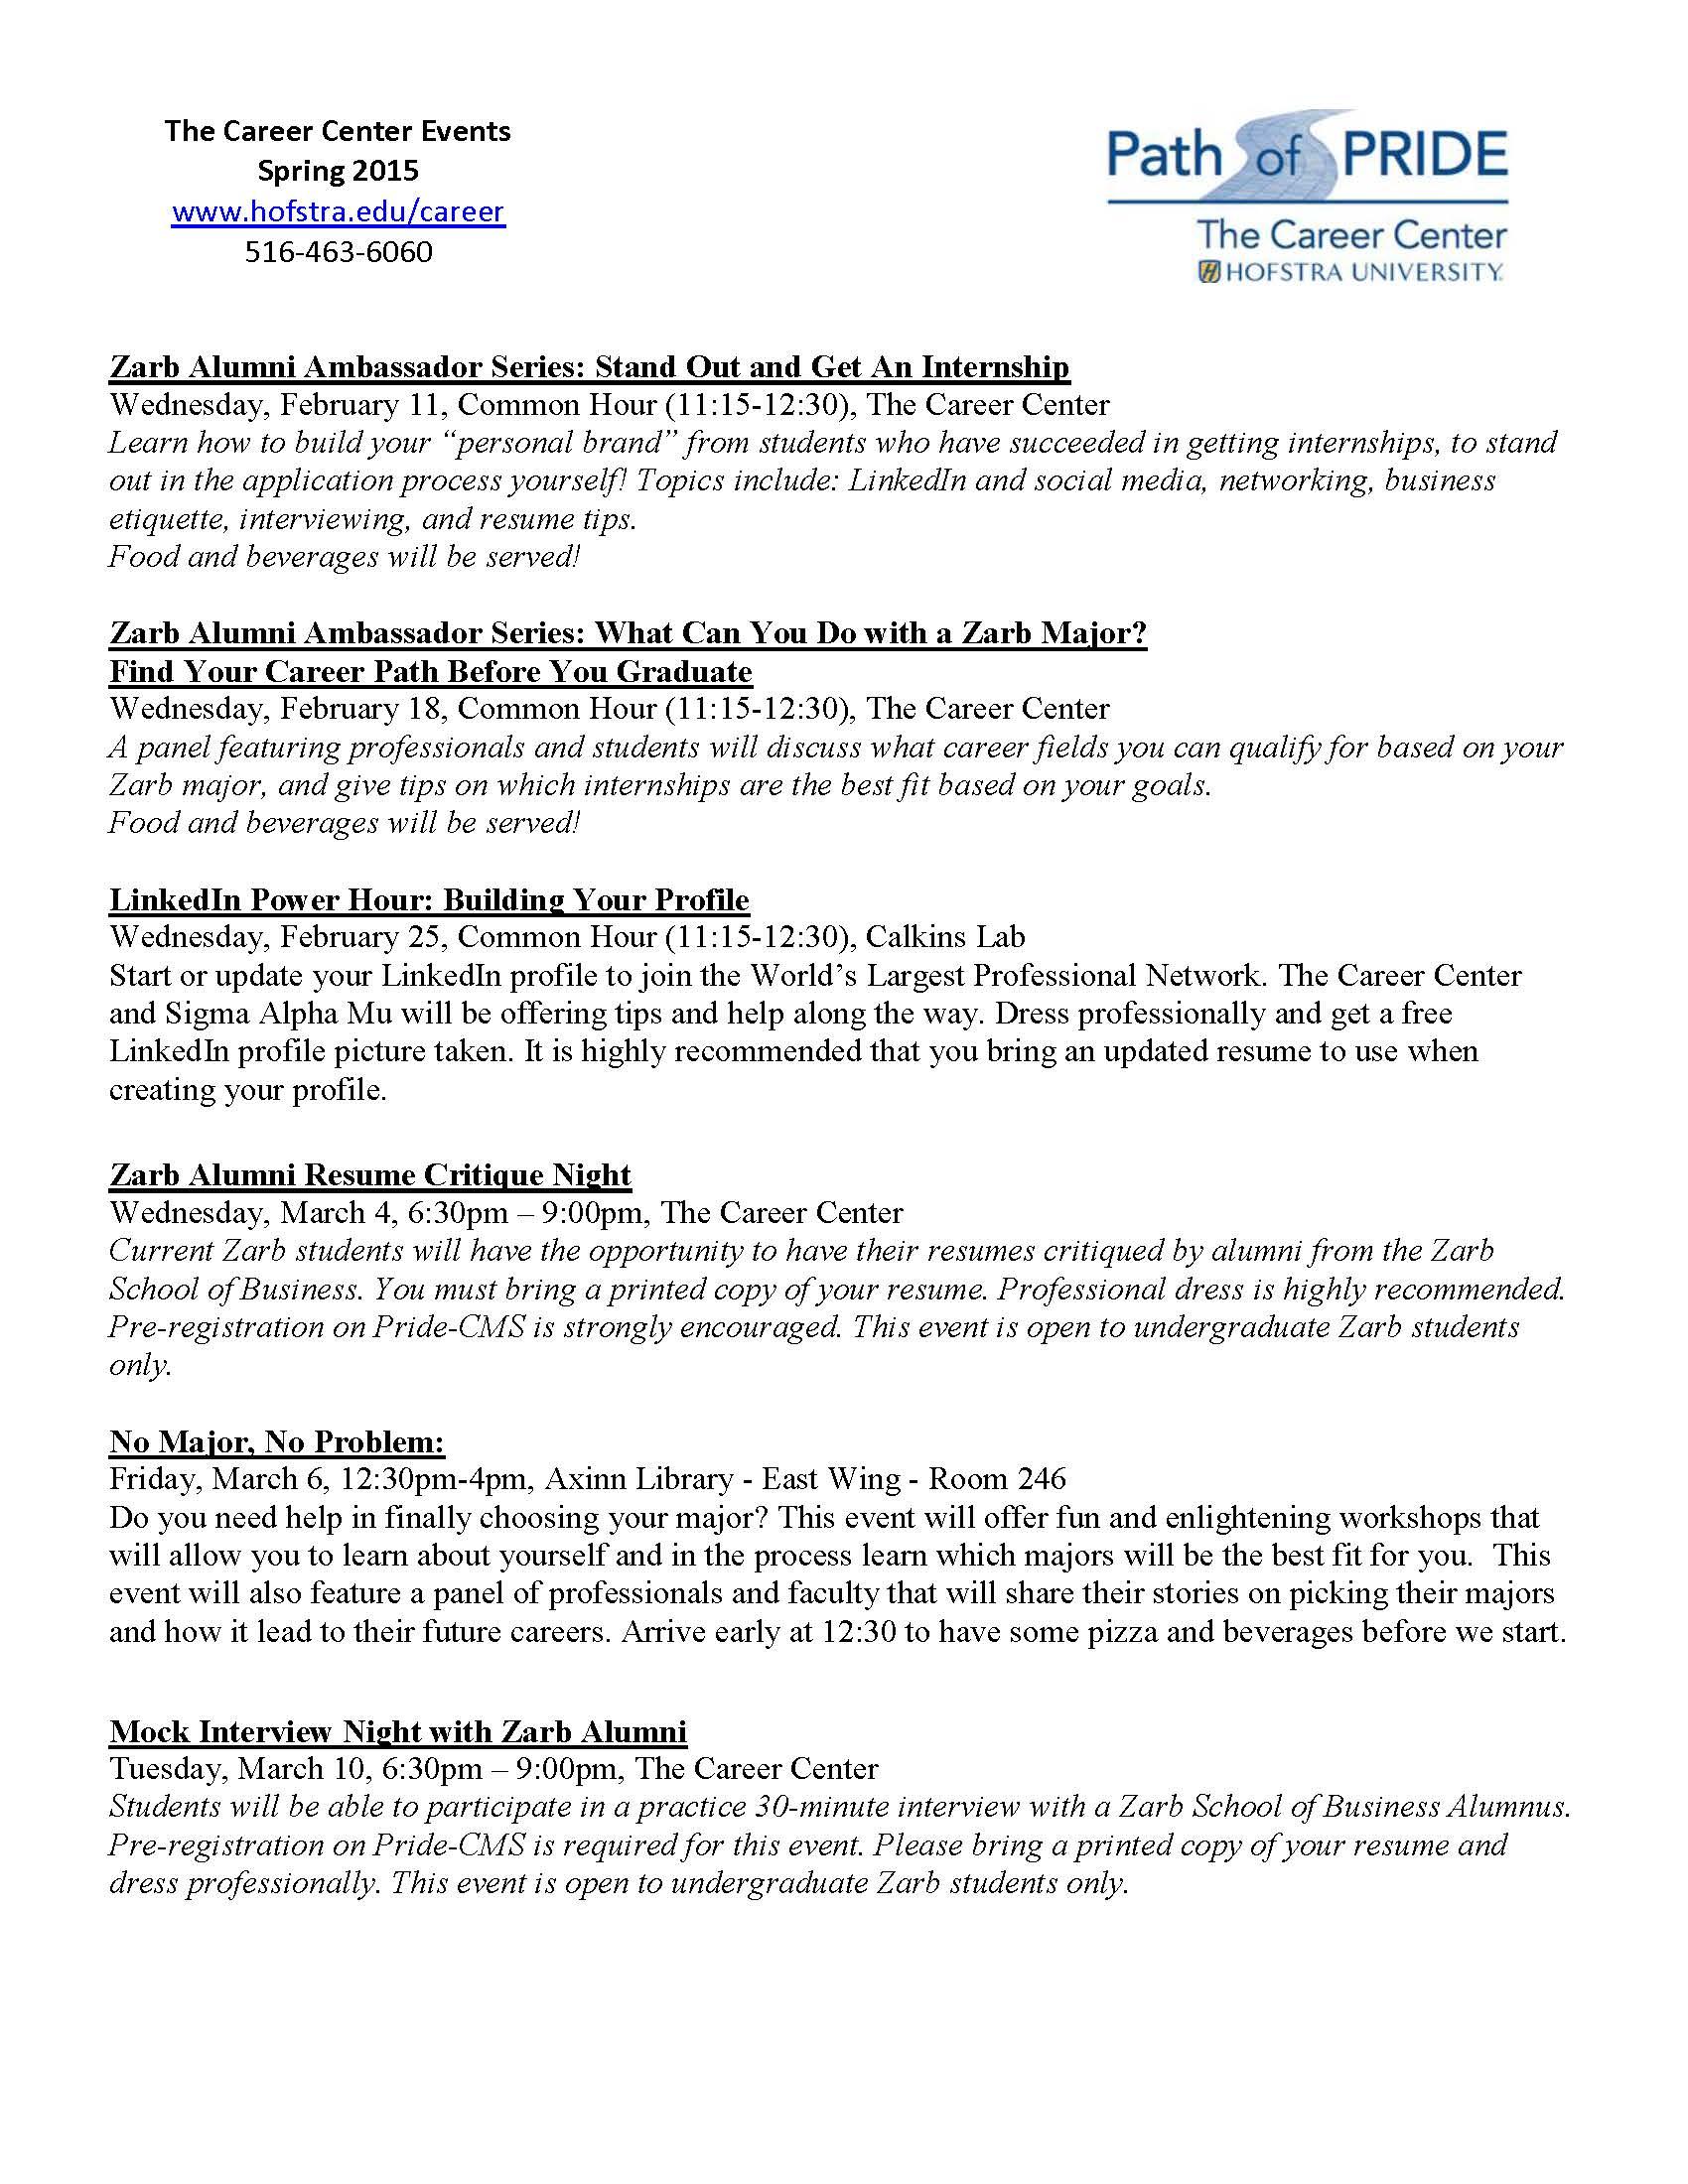 Hofstra Career Center Resume